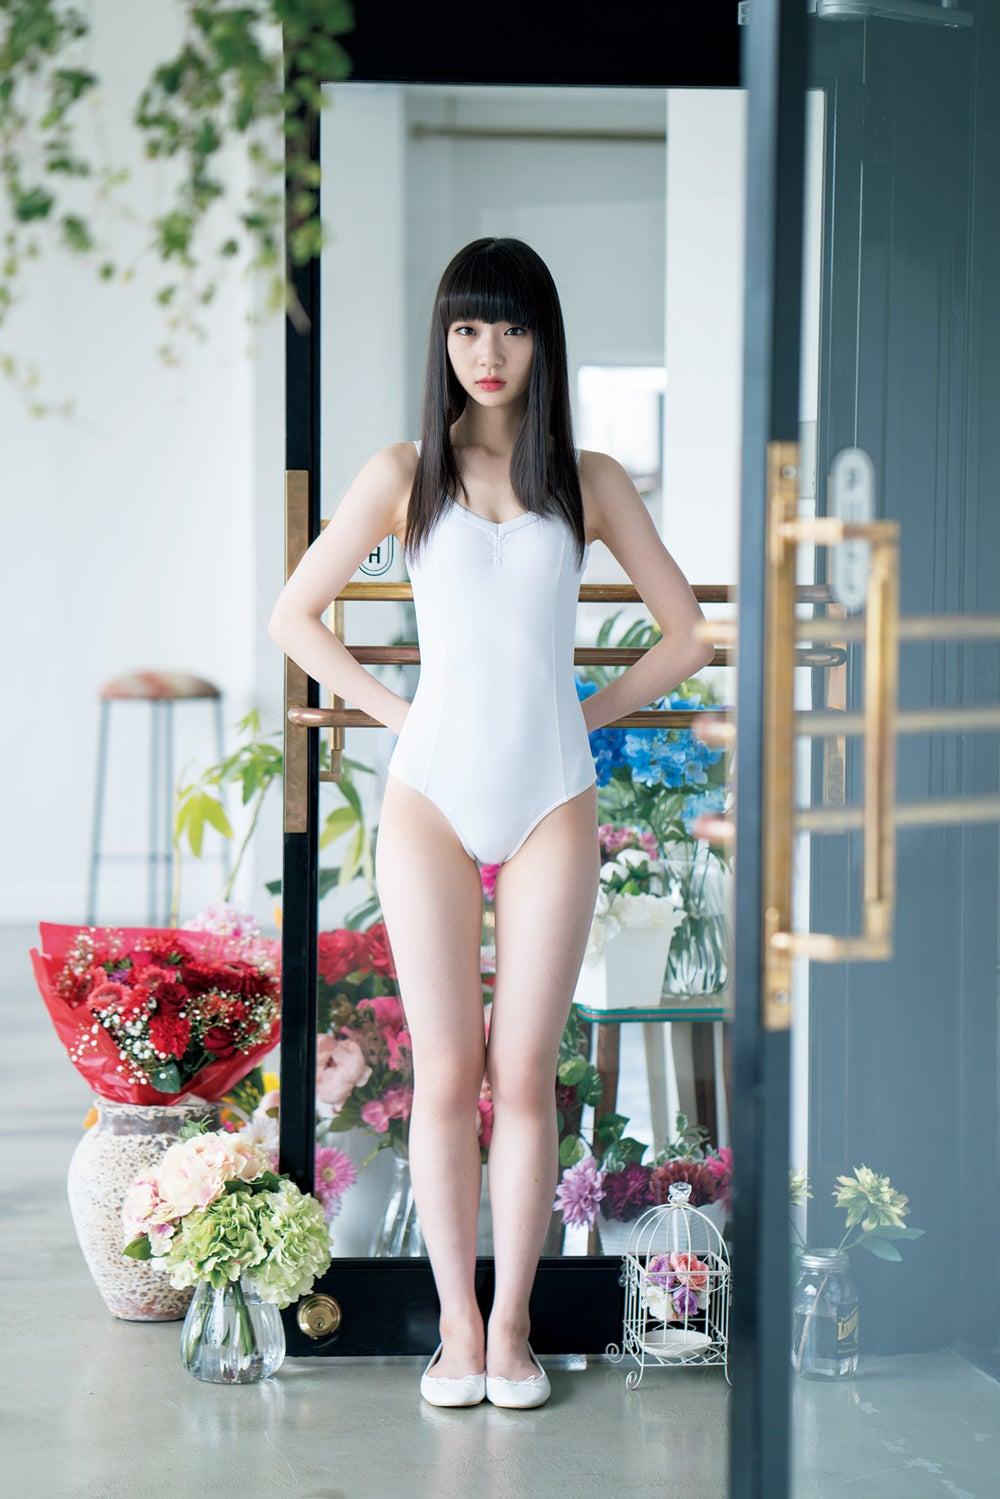 ミニスカート姿の荻野由佳さん